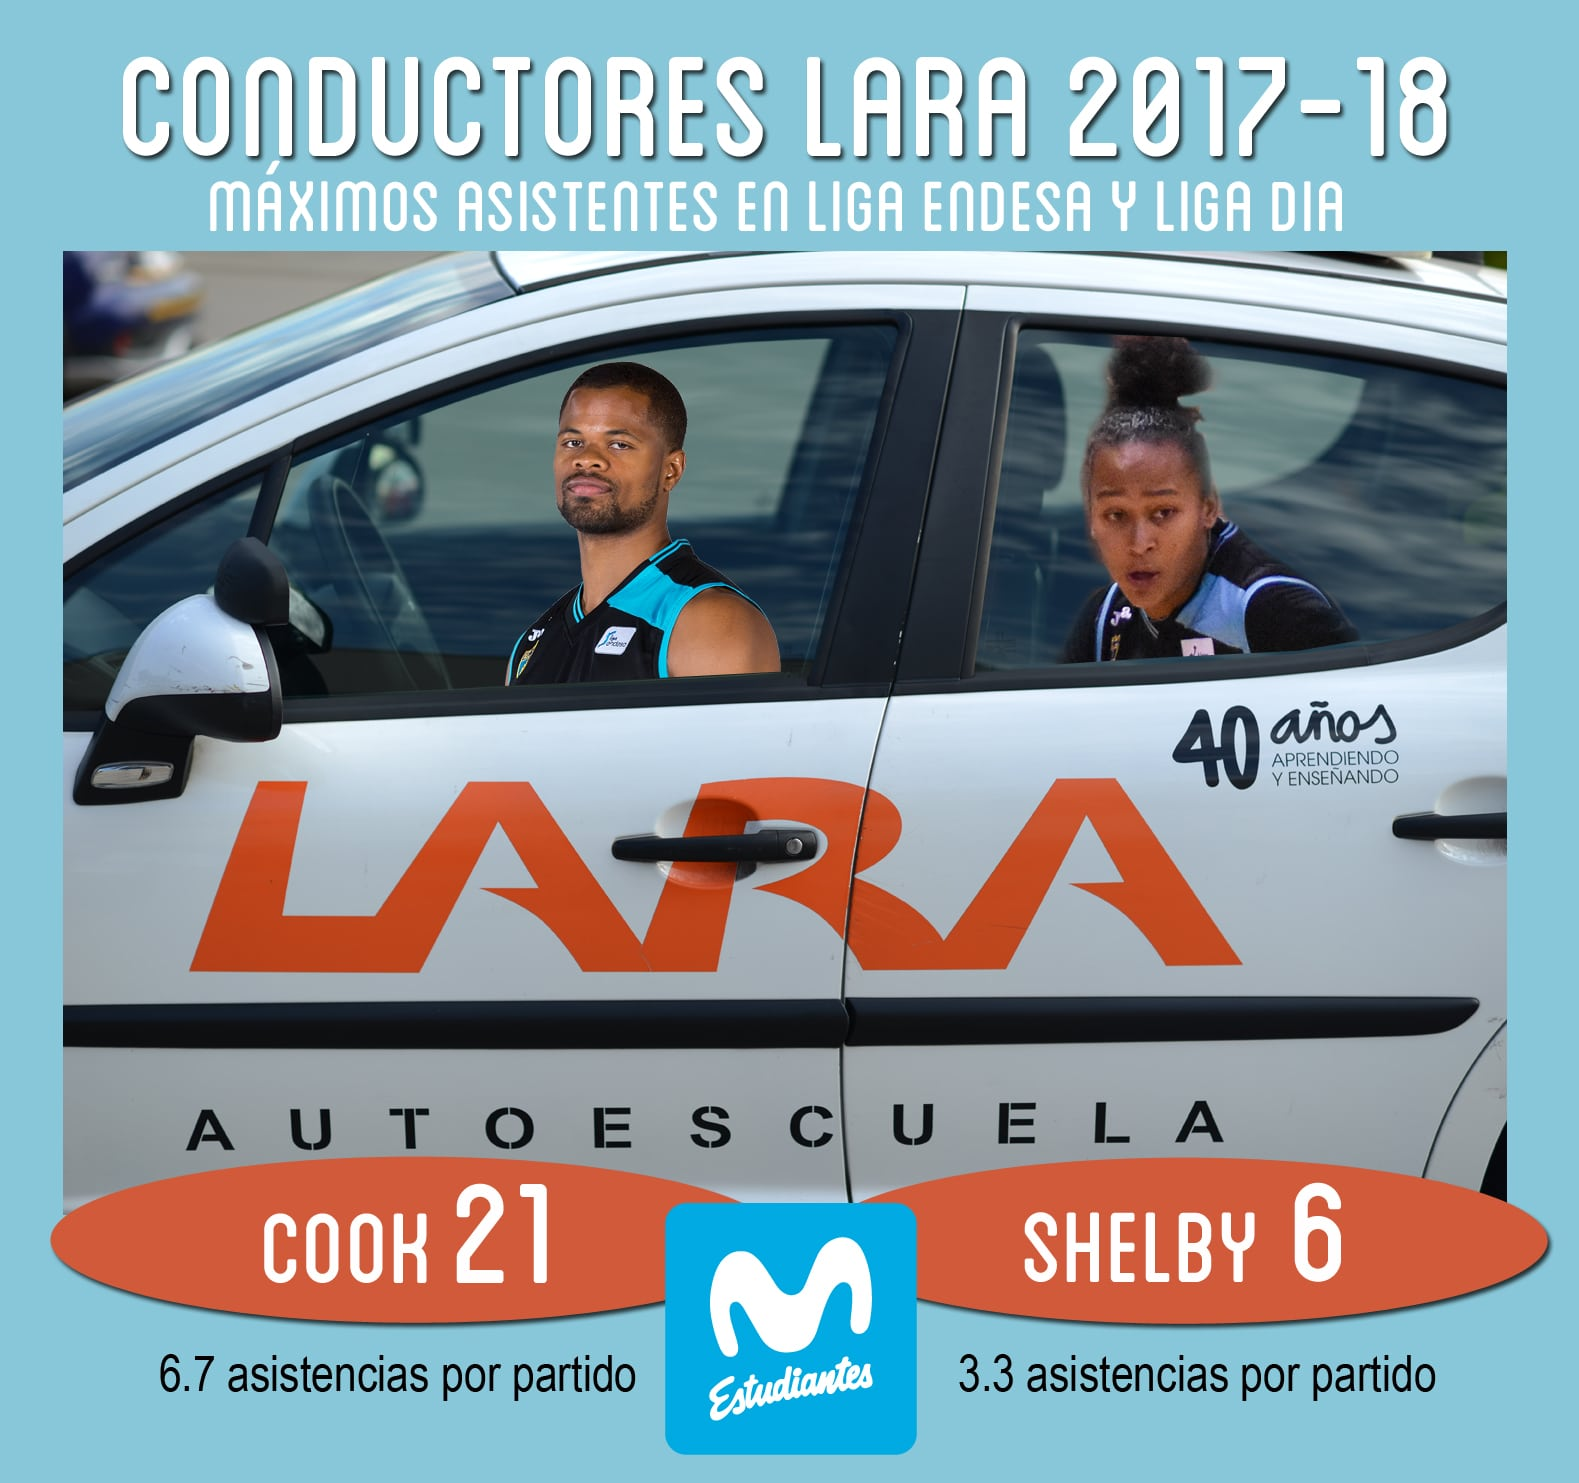 Omar Cook (21) y Shay Selby (6), conductores Autoescuela Lara 2017-18